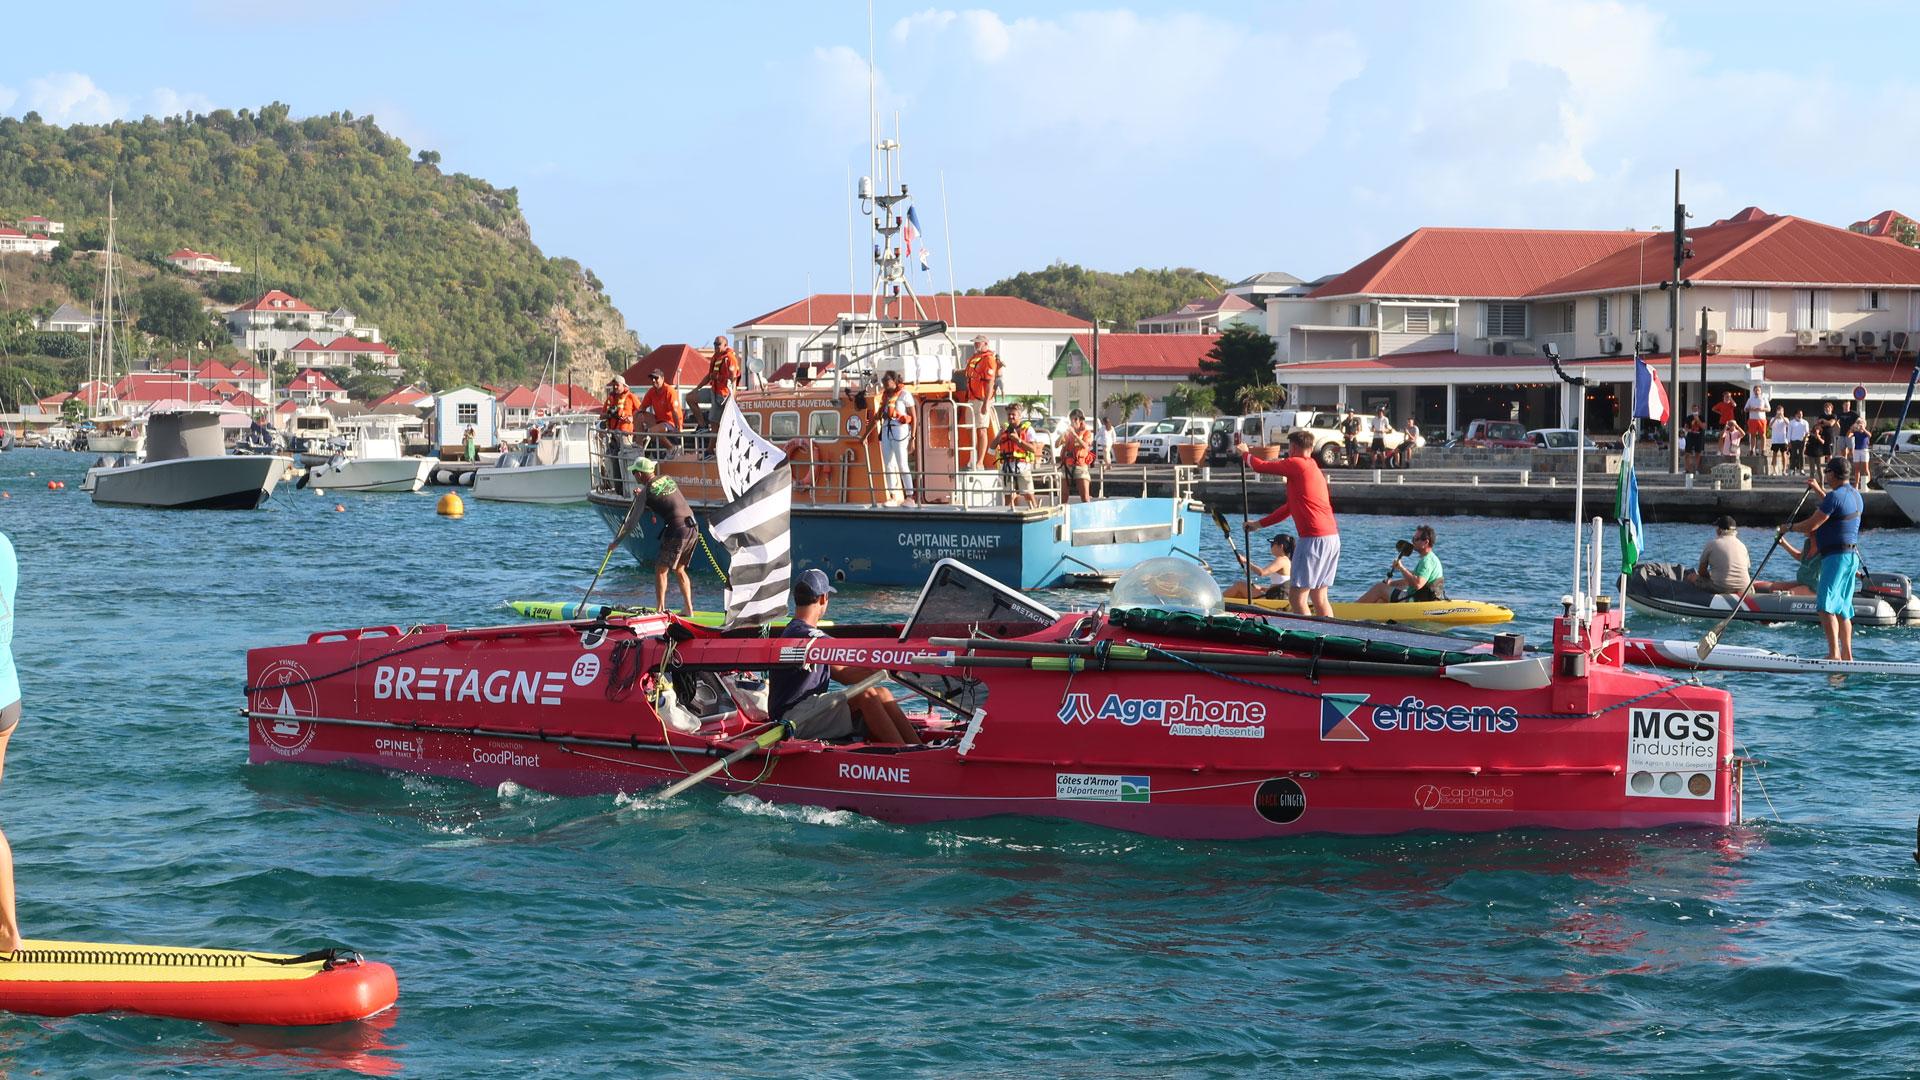 Arrivée de Guirec sur son rameur à Saint-Barthelemy aux Antilles le 26 février 2021